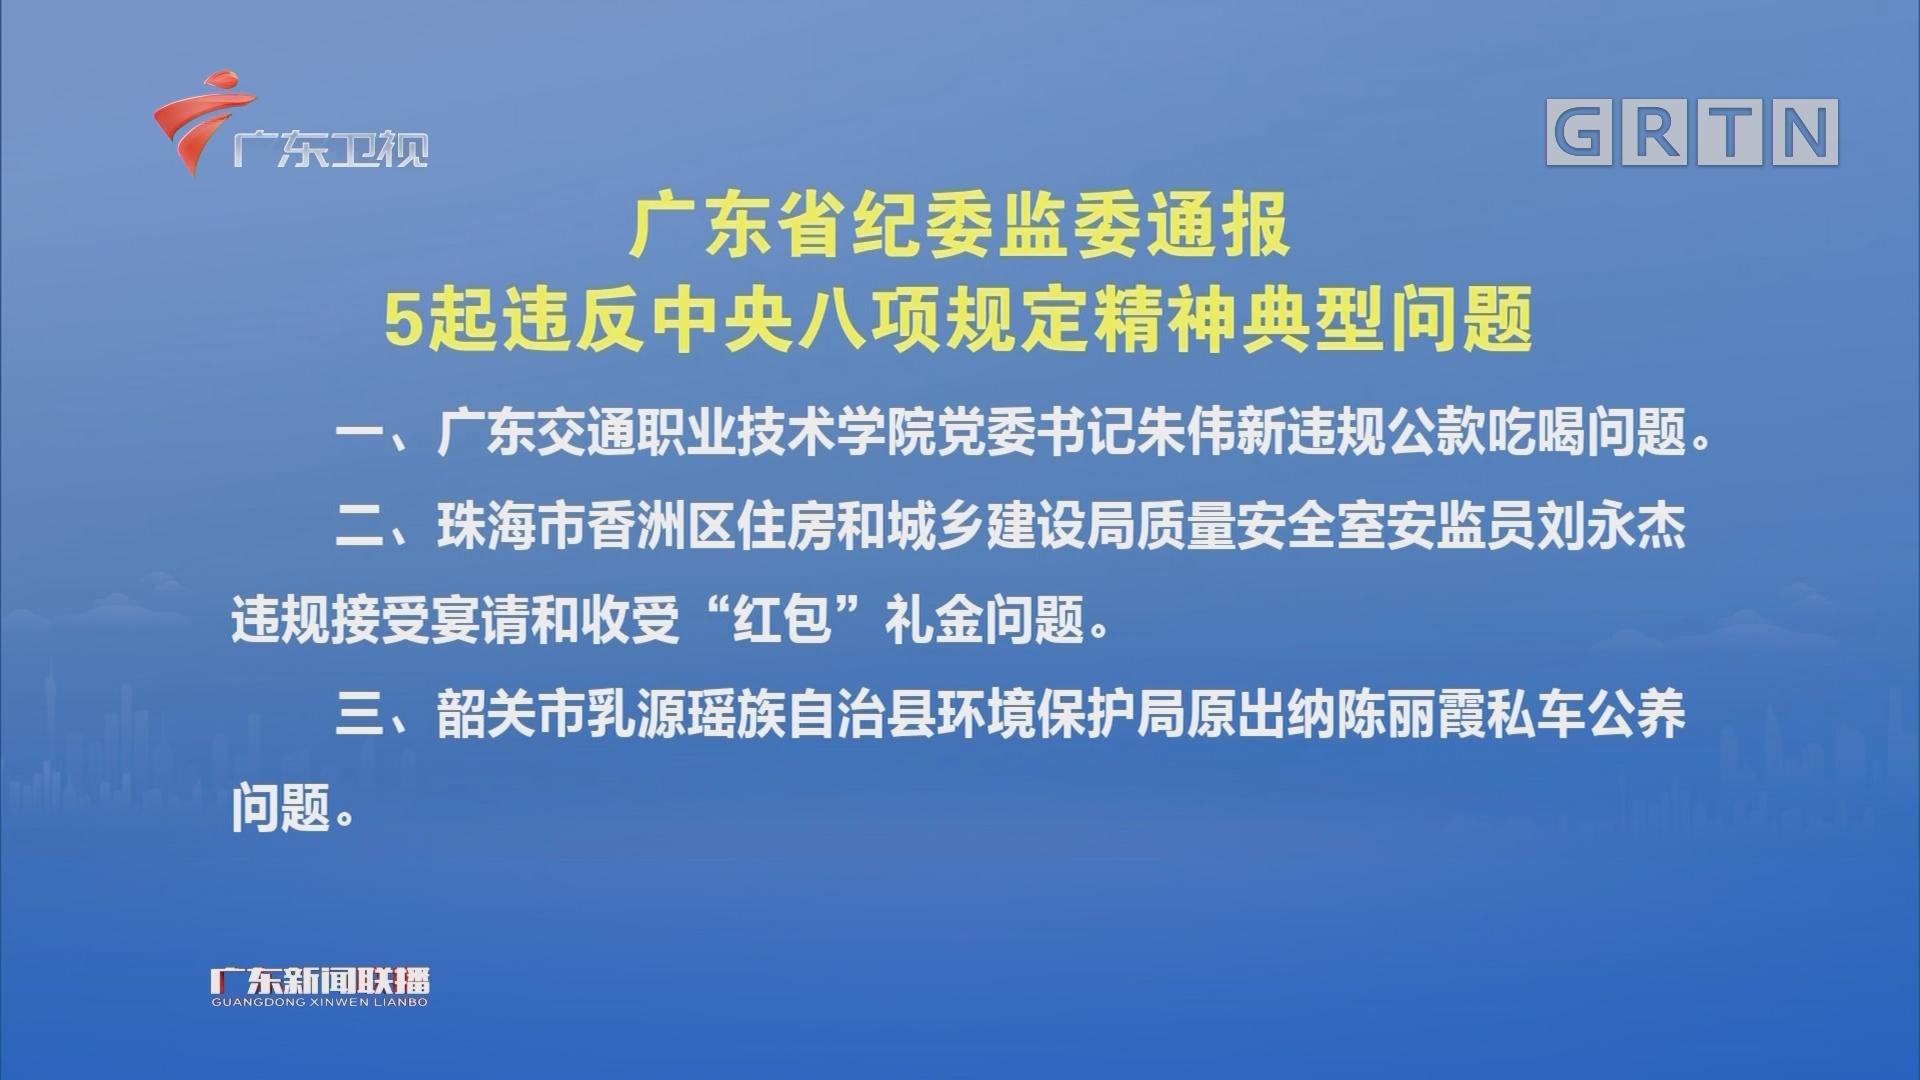 广东省纪委监委通报5起违反中央八项规定精神典型问题